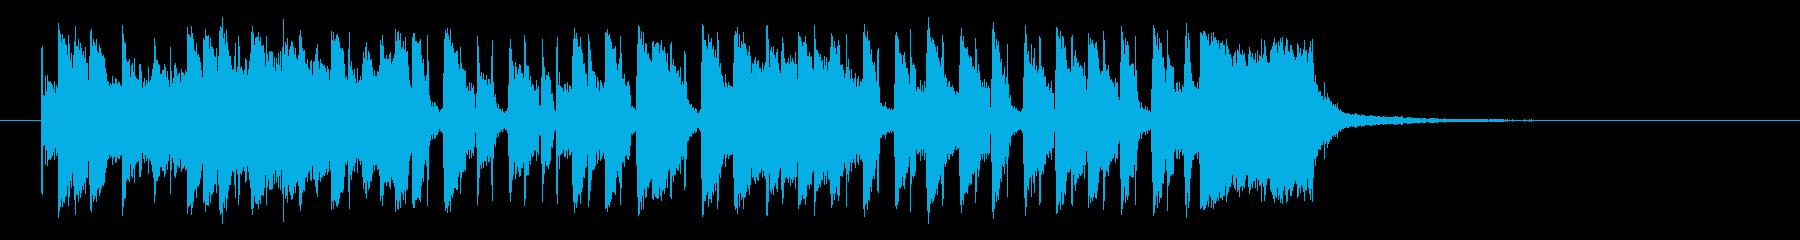 夏をイメージする30秒のスカ・レゲエの再生済みの波形